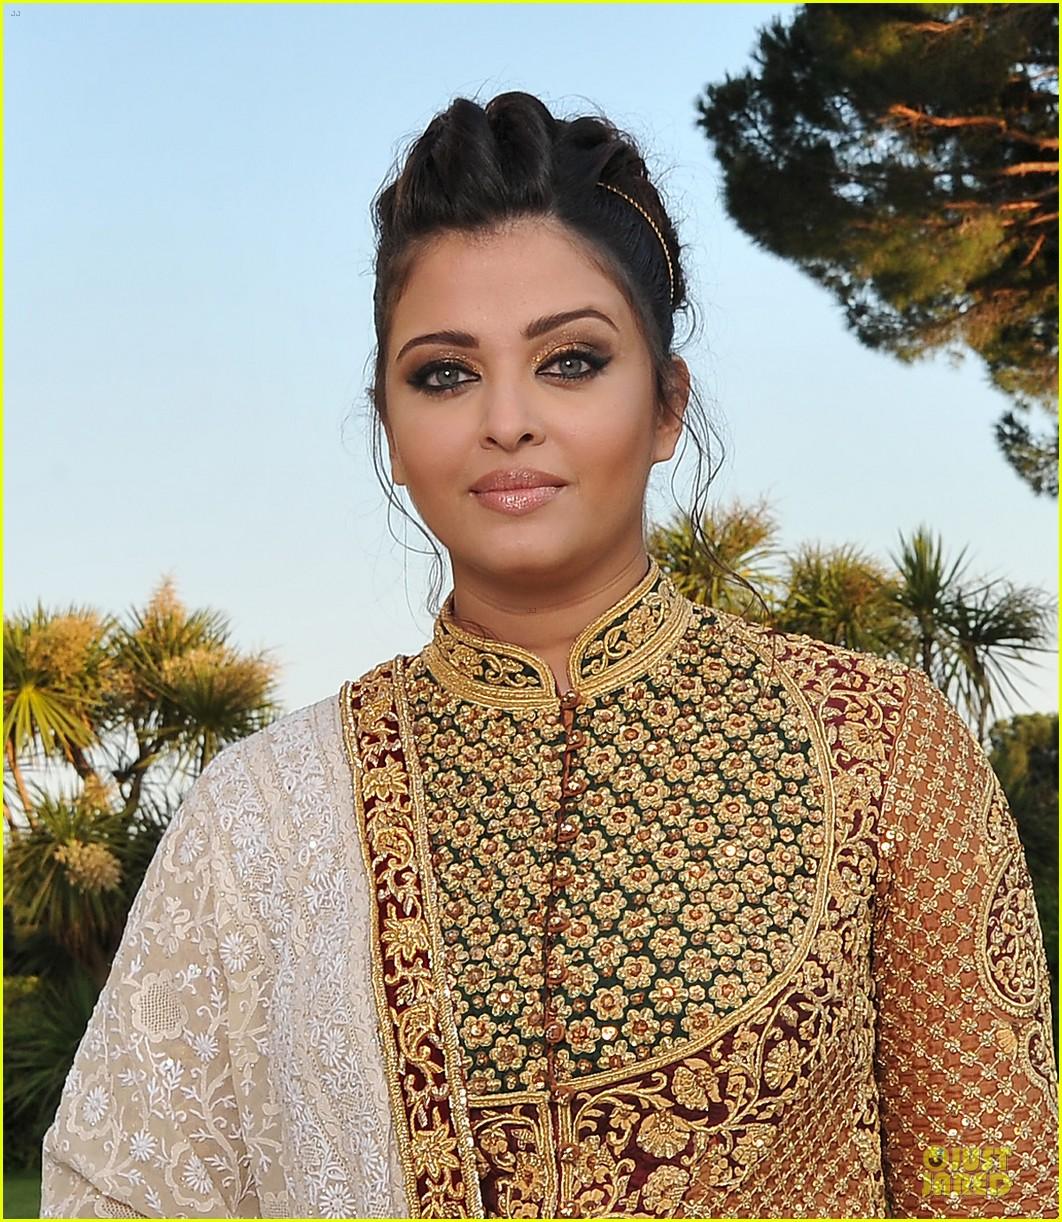 صور ايشواريا باتشان 2012 Aishwarya-rai-amfar-cannes2-120-06